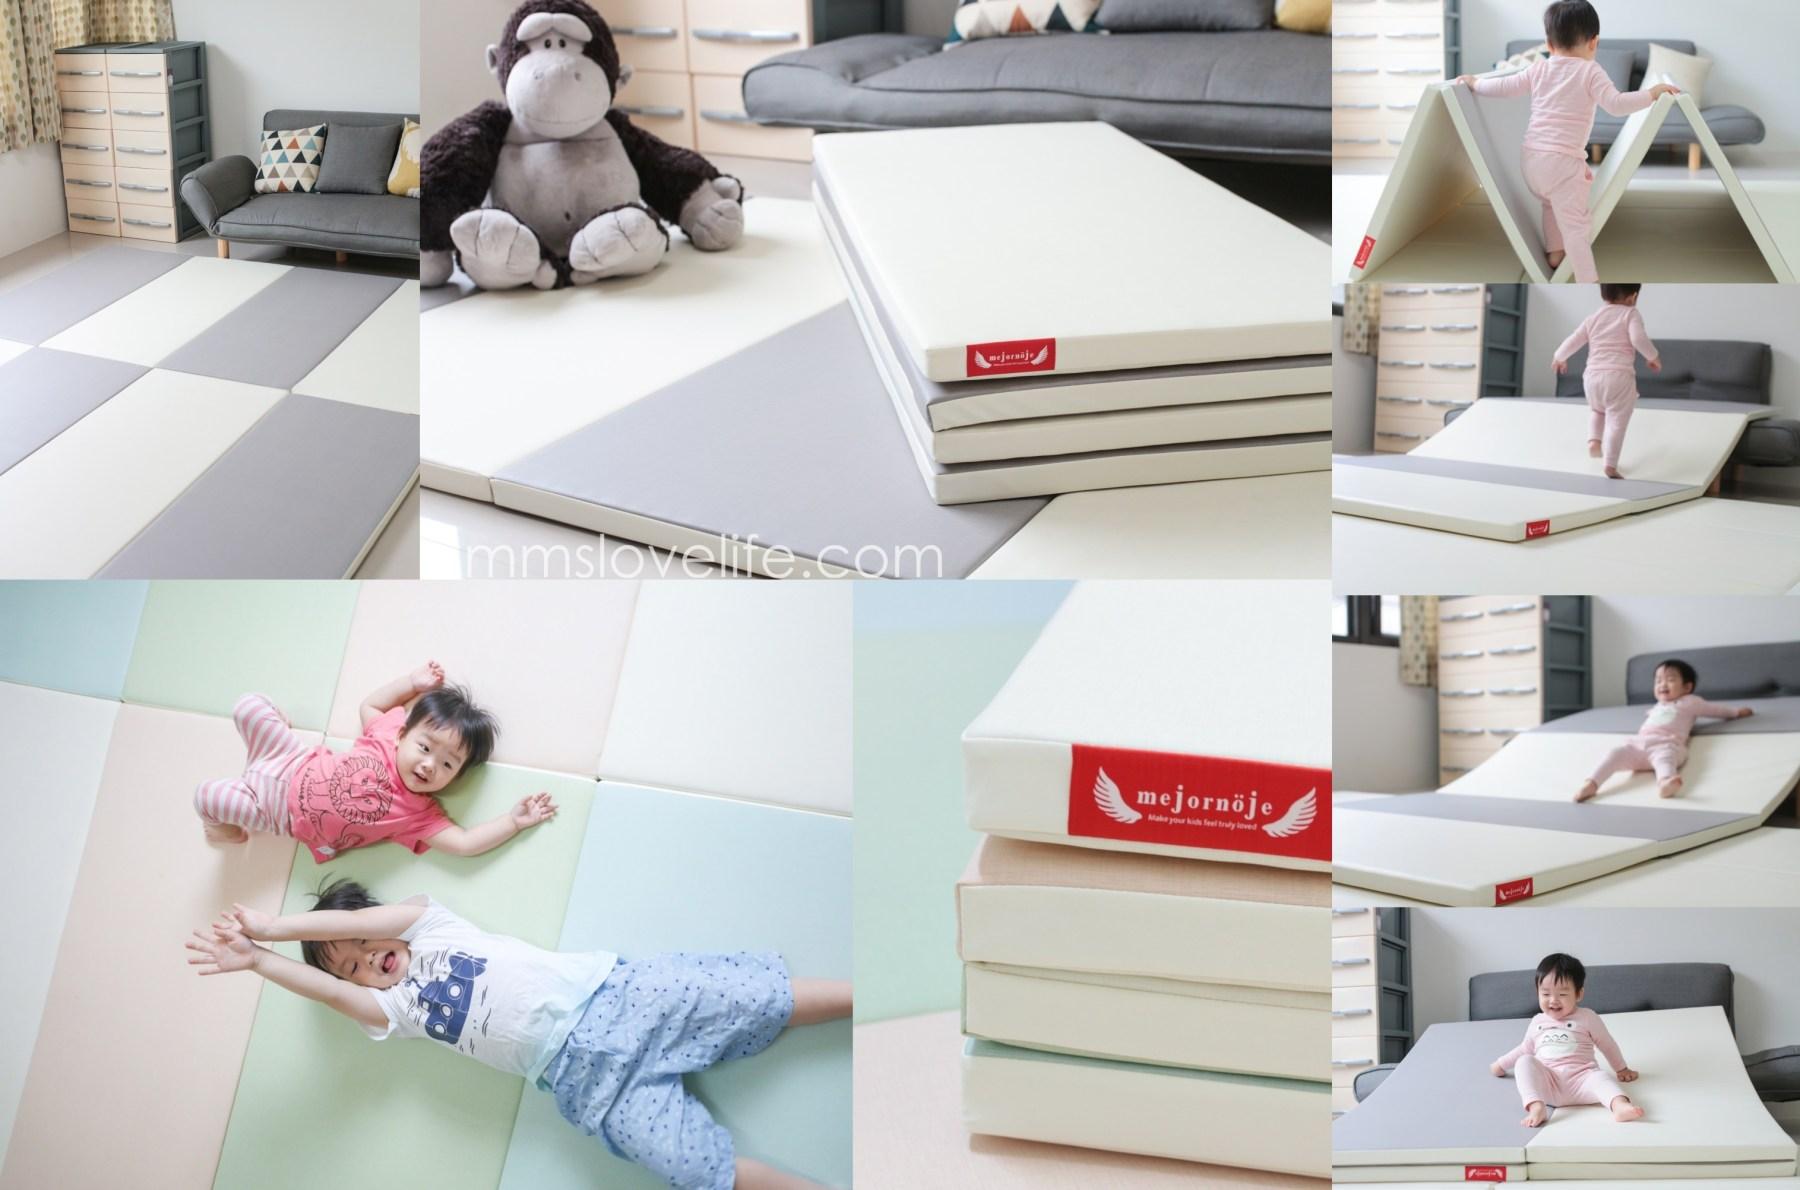 ✧*。必買✧*。100%韓國製造mejornoje美好若潔無毒四折寶寶遊戲墊♥品質第一、外型最美、cp值最高的選擇